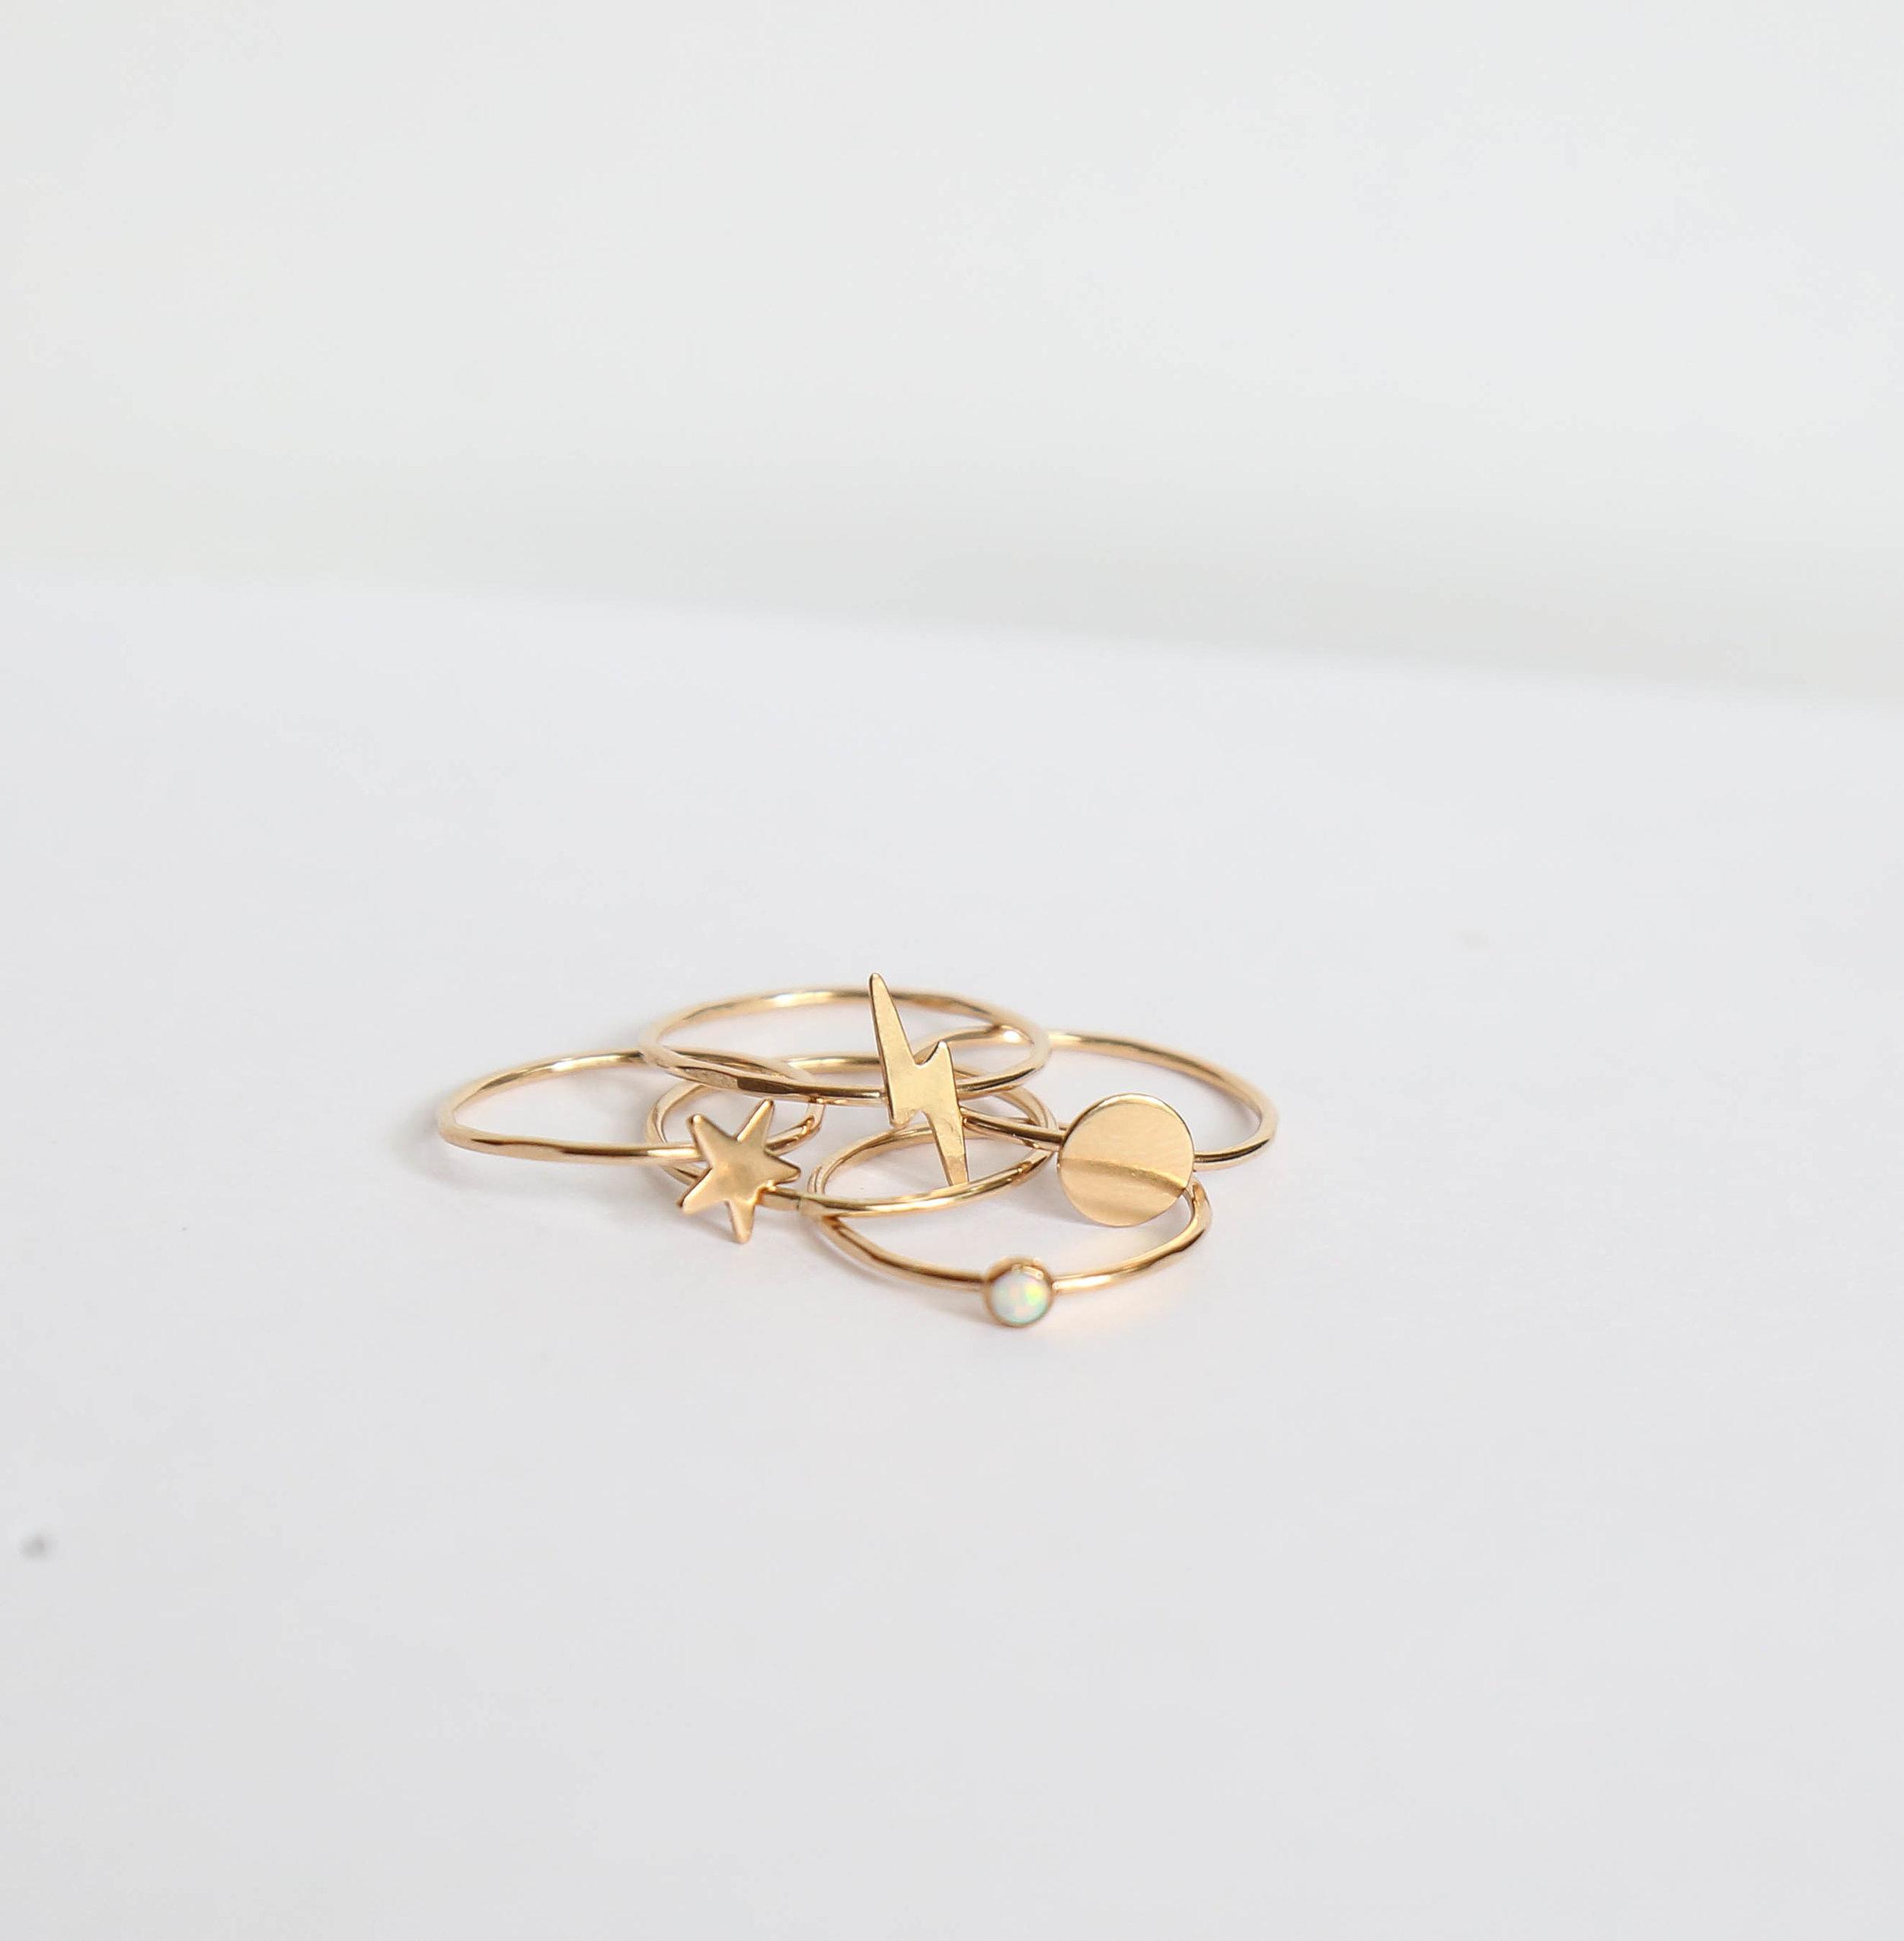 rings - all.jpg